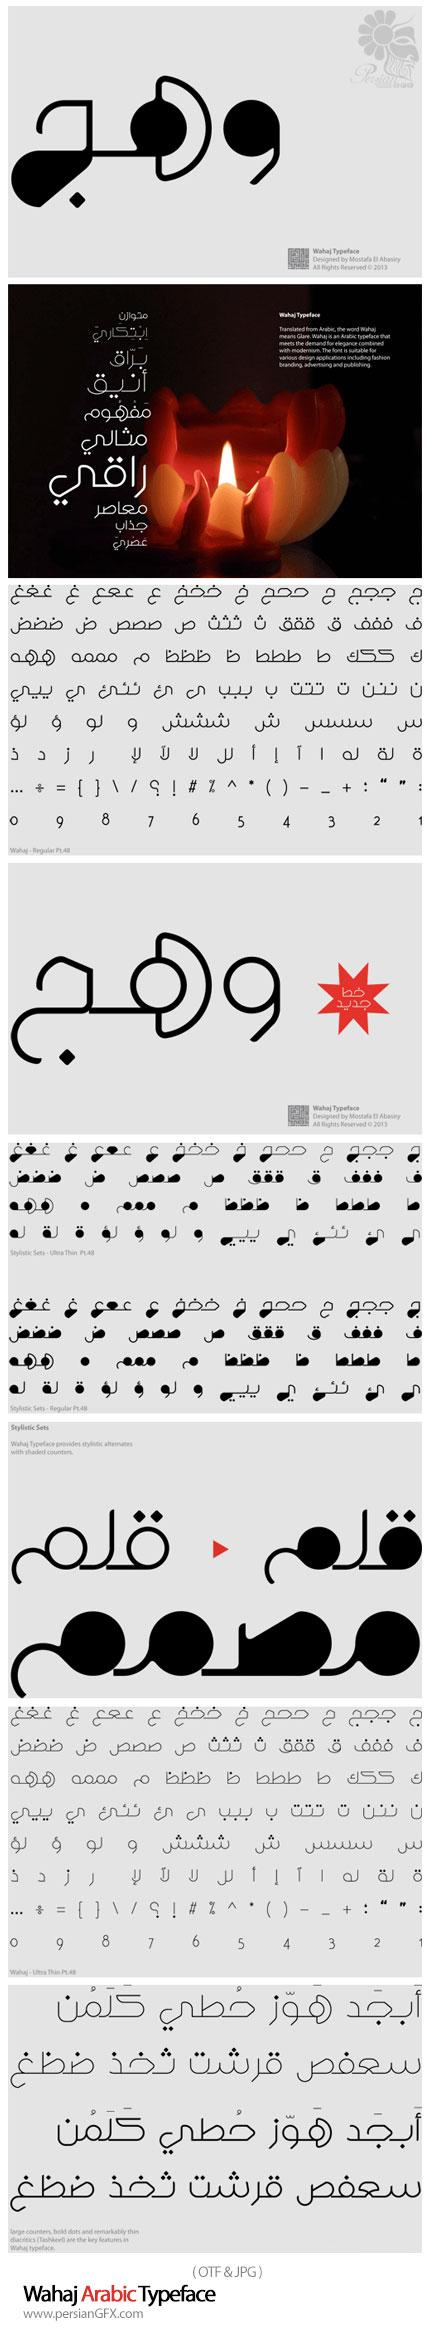 دانلود فونت عربی وهاج - Wahaj Arabic Typeface